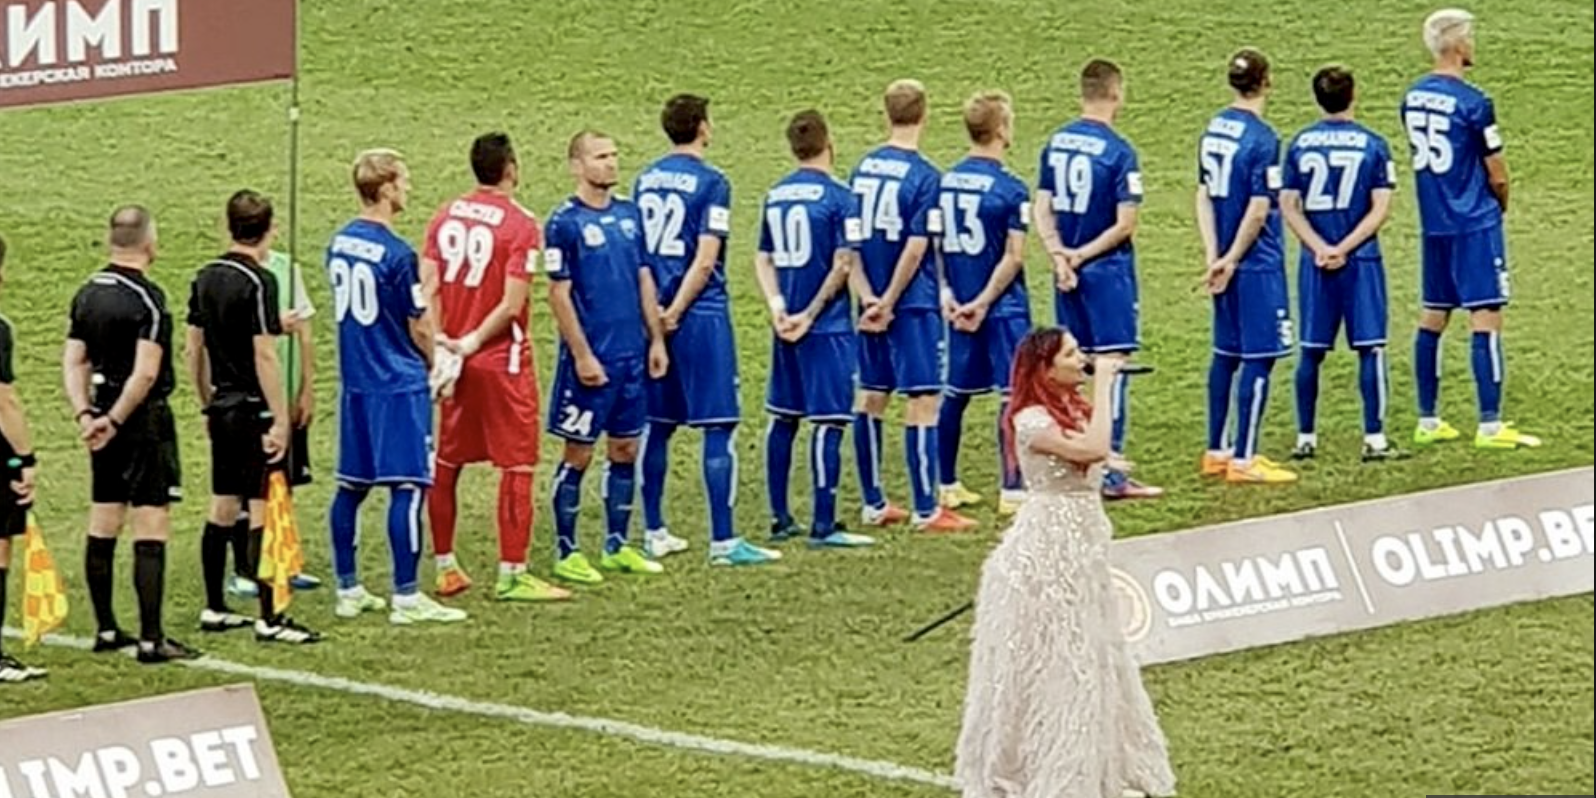 Украинский футболист устроил демарш во время исполнения российского гимна в Сочи